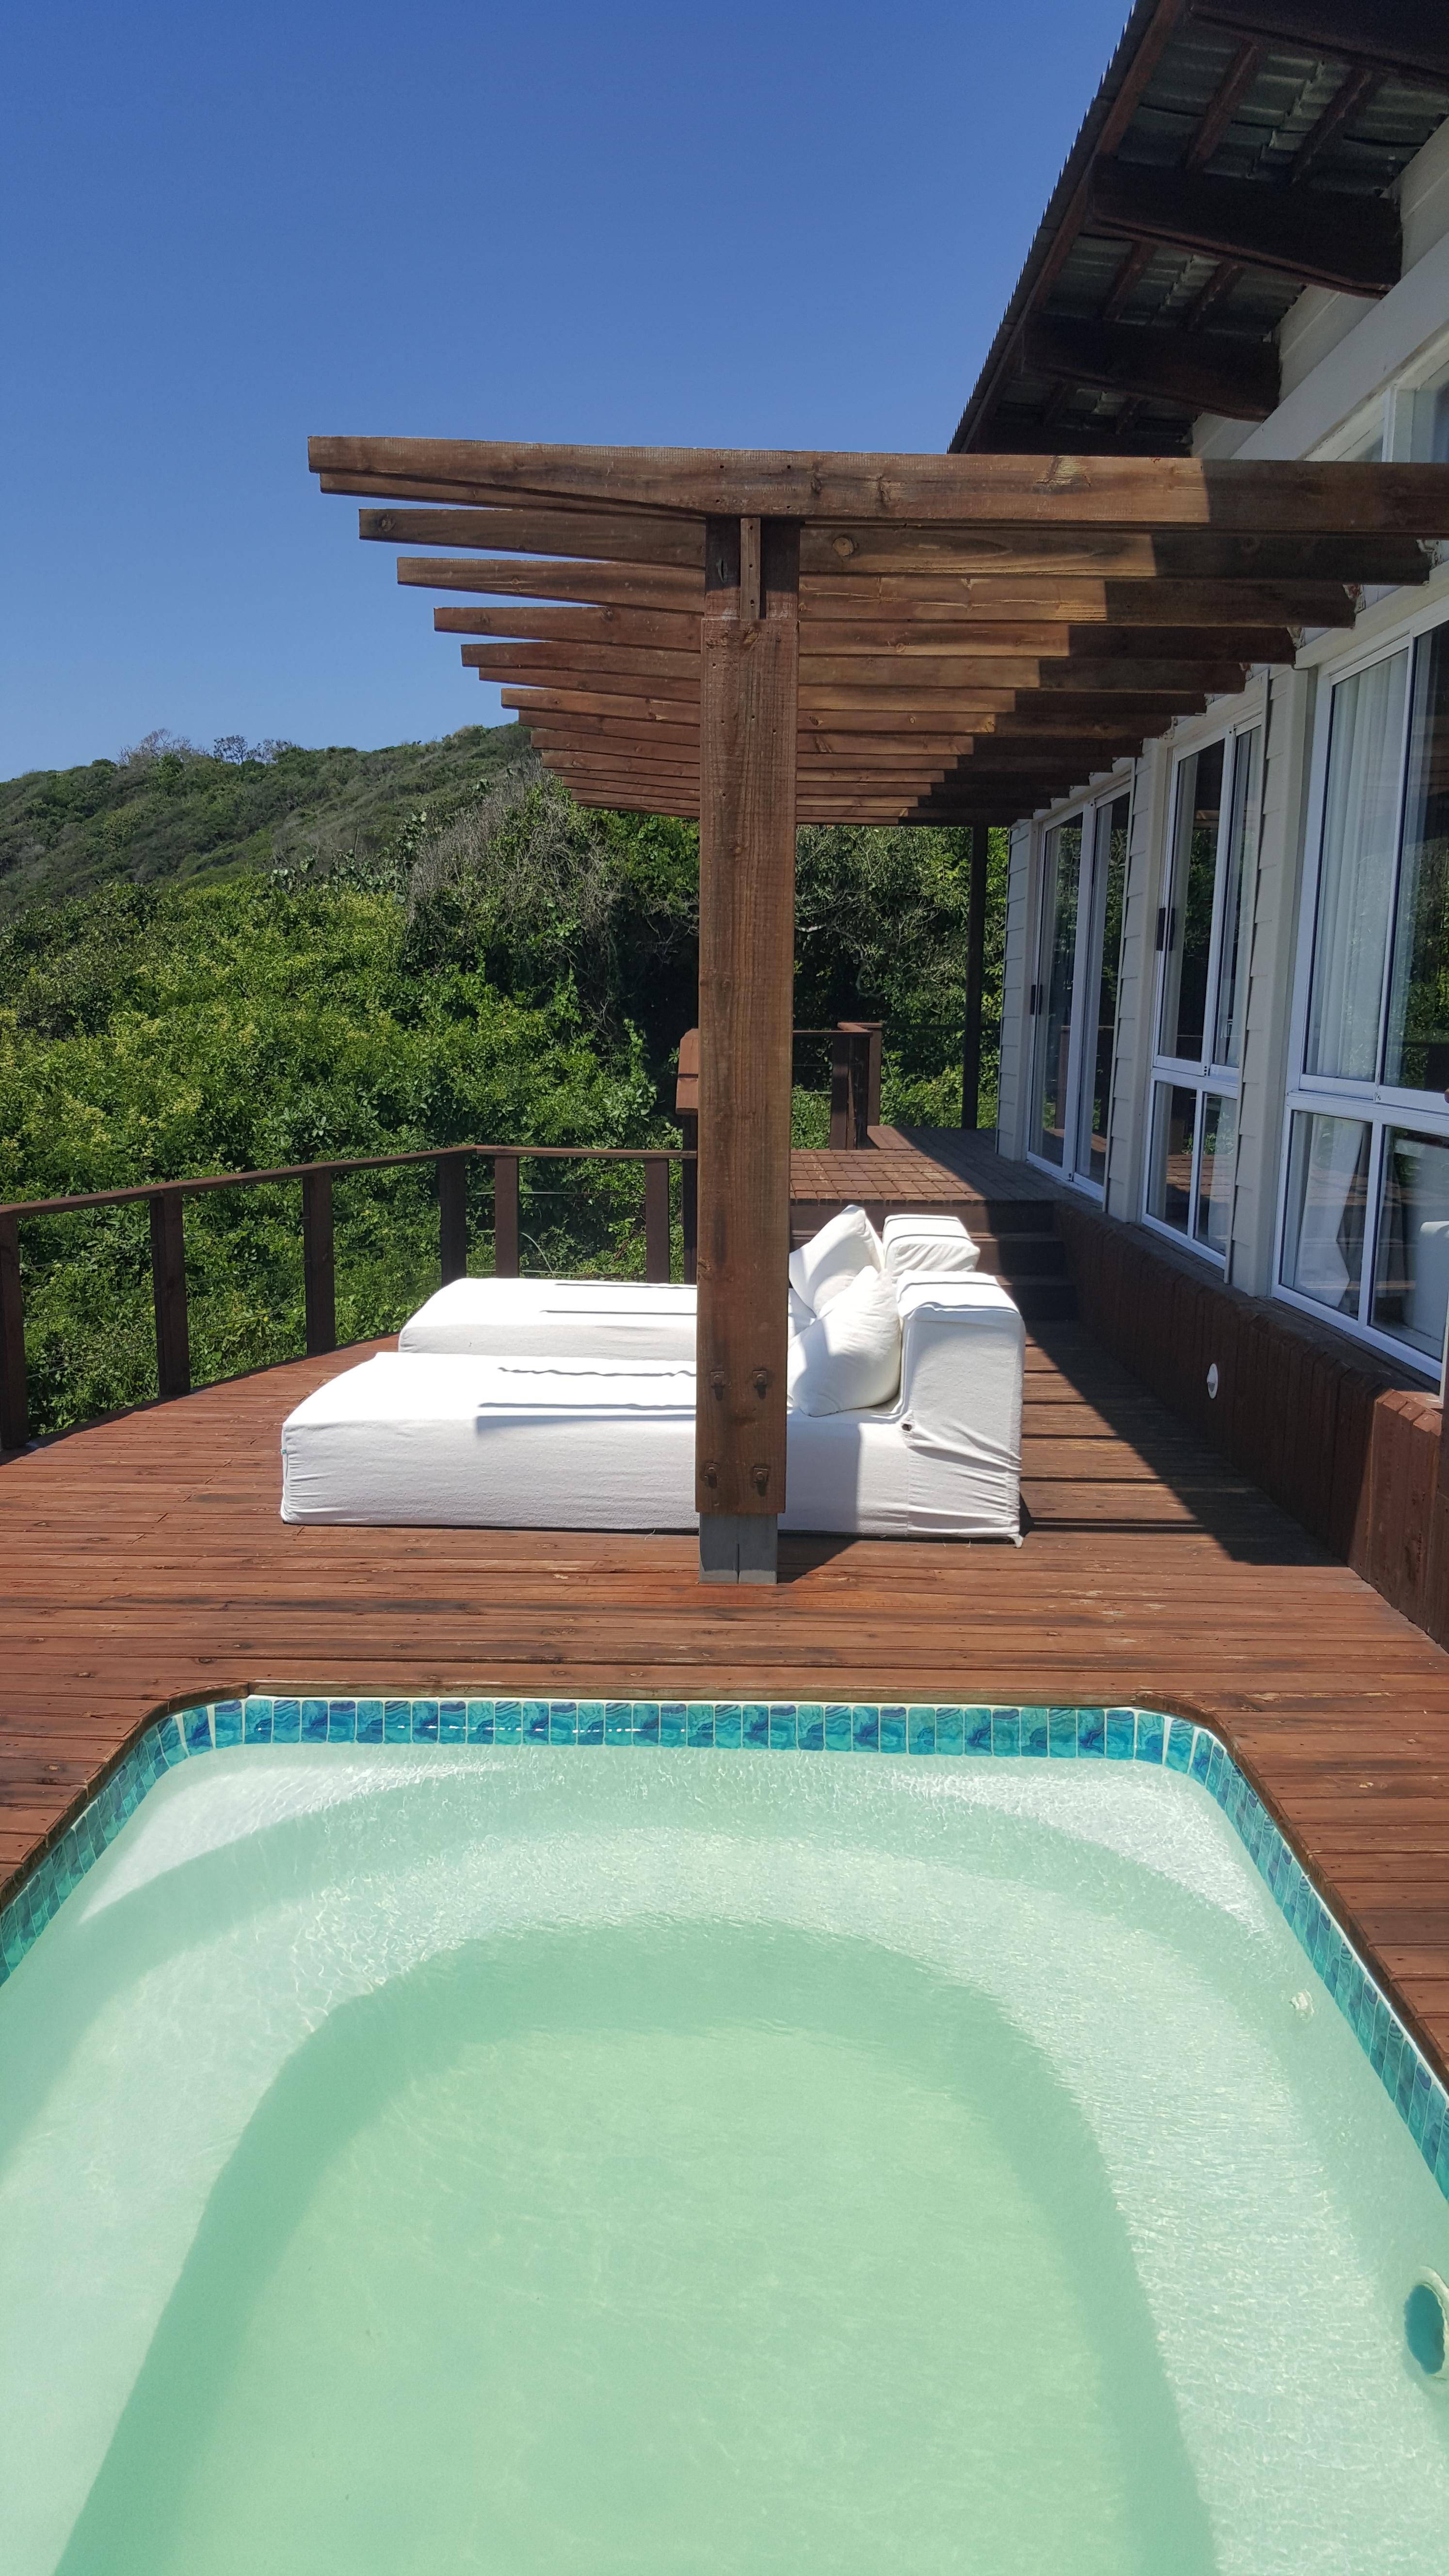 Mordomia-mor: todas as suítes têm uma piscininha, uma dádiva no calor de Moçambique (ainda que a brisa seja constante)